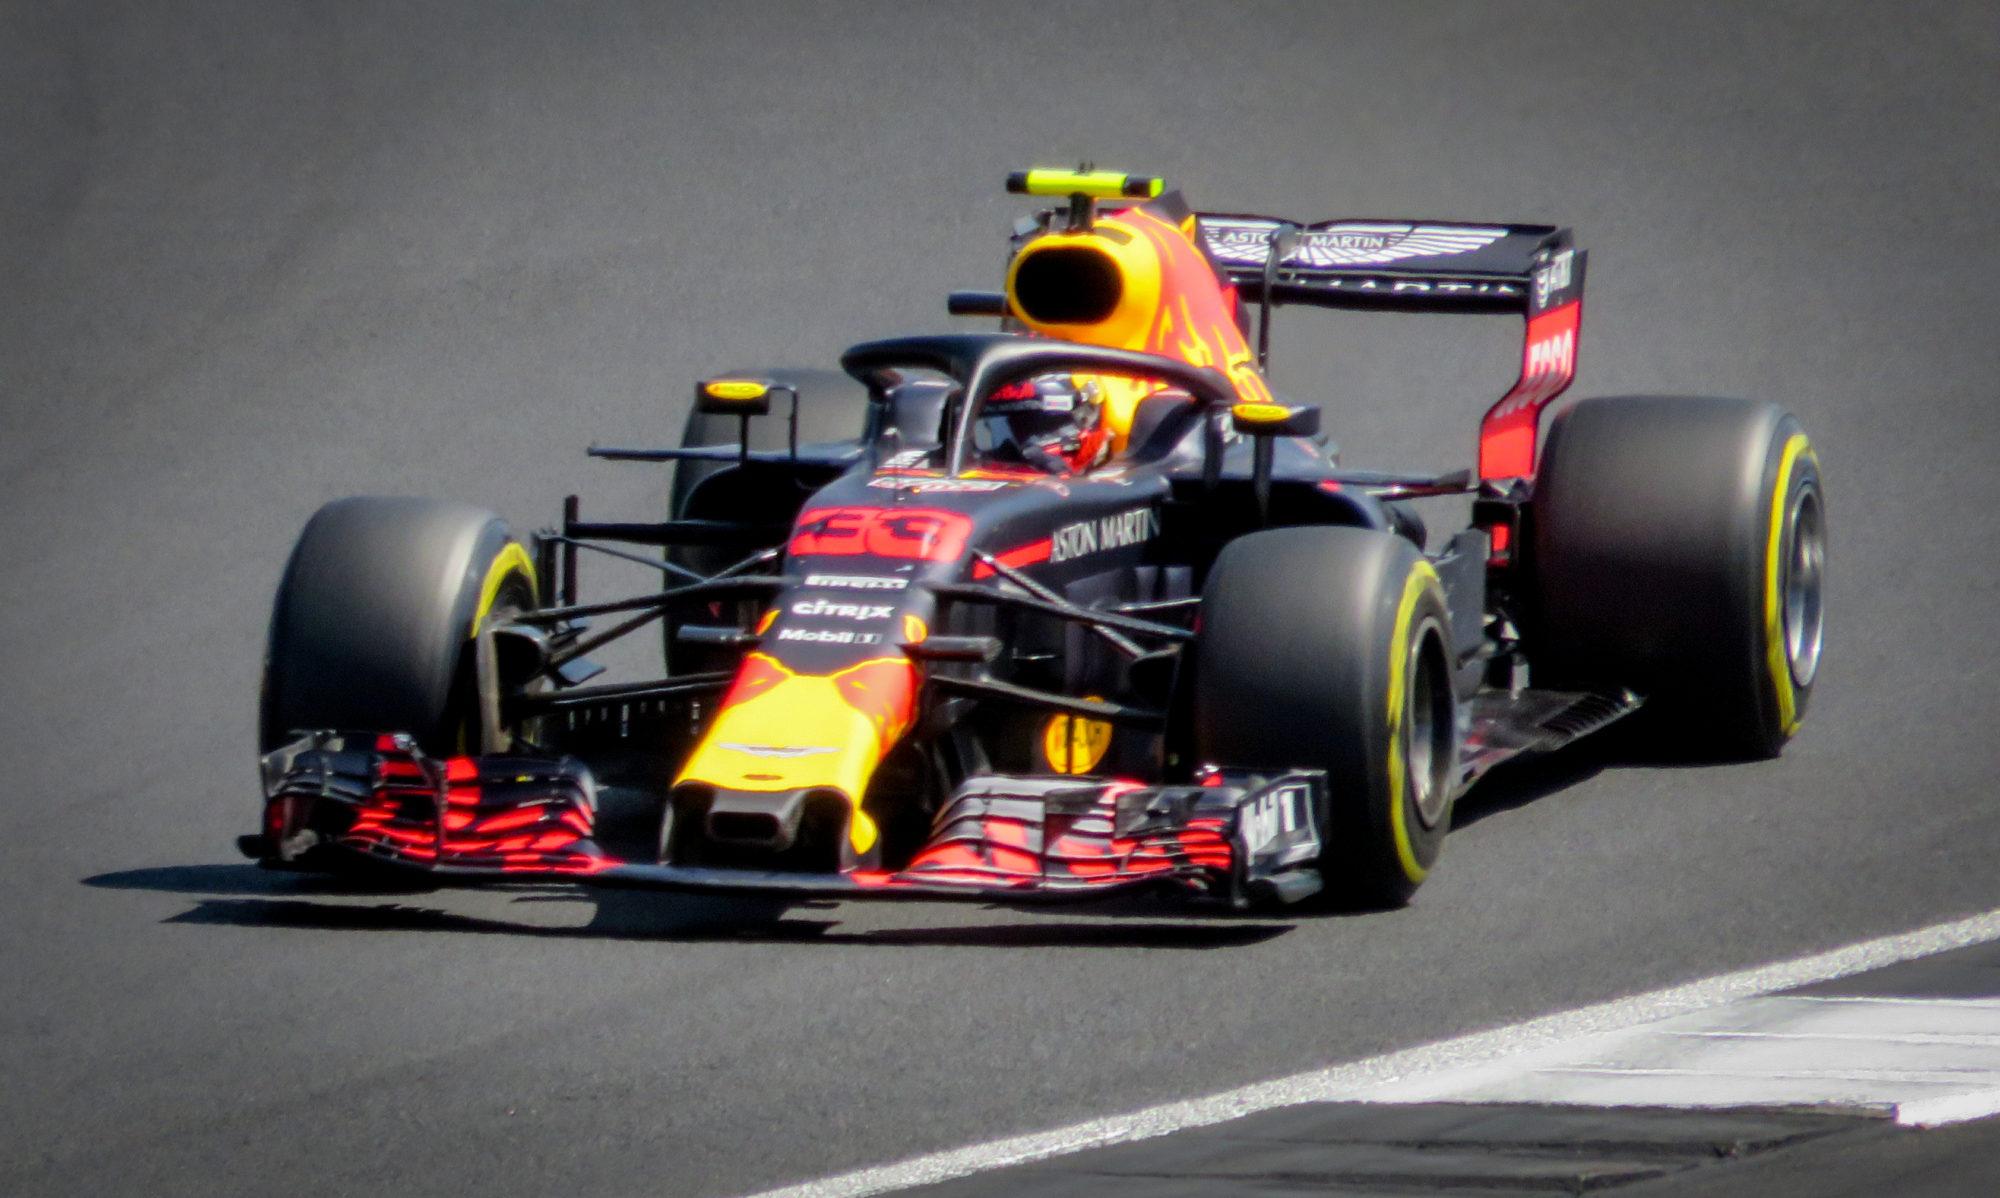 Max Verstappen live stream Formule 1 Grand Prix van Spanje (Foto Wikimedia Commons)